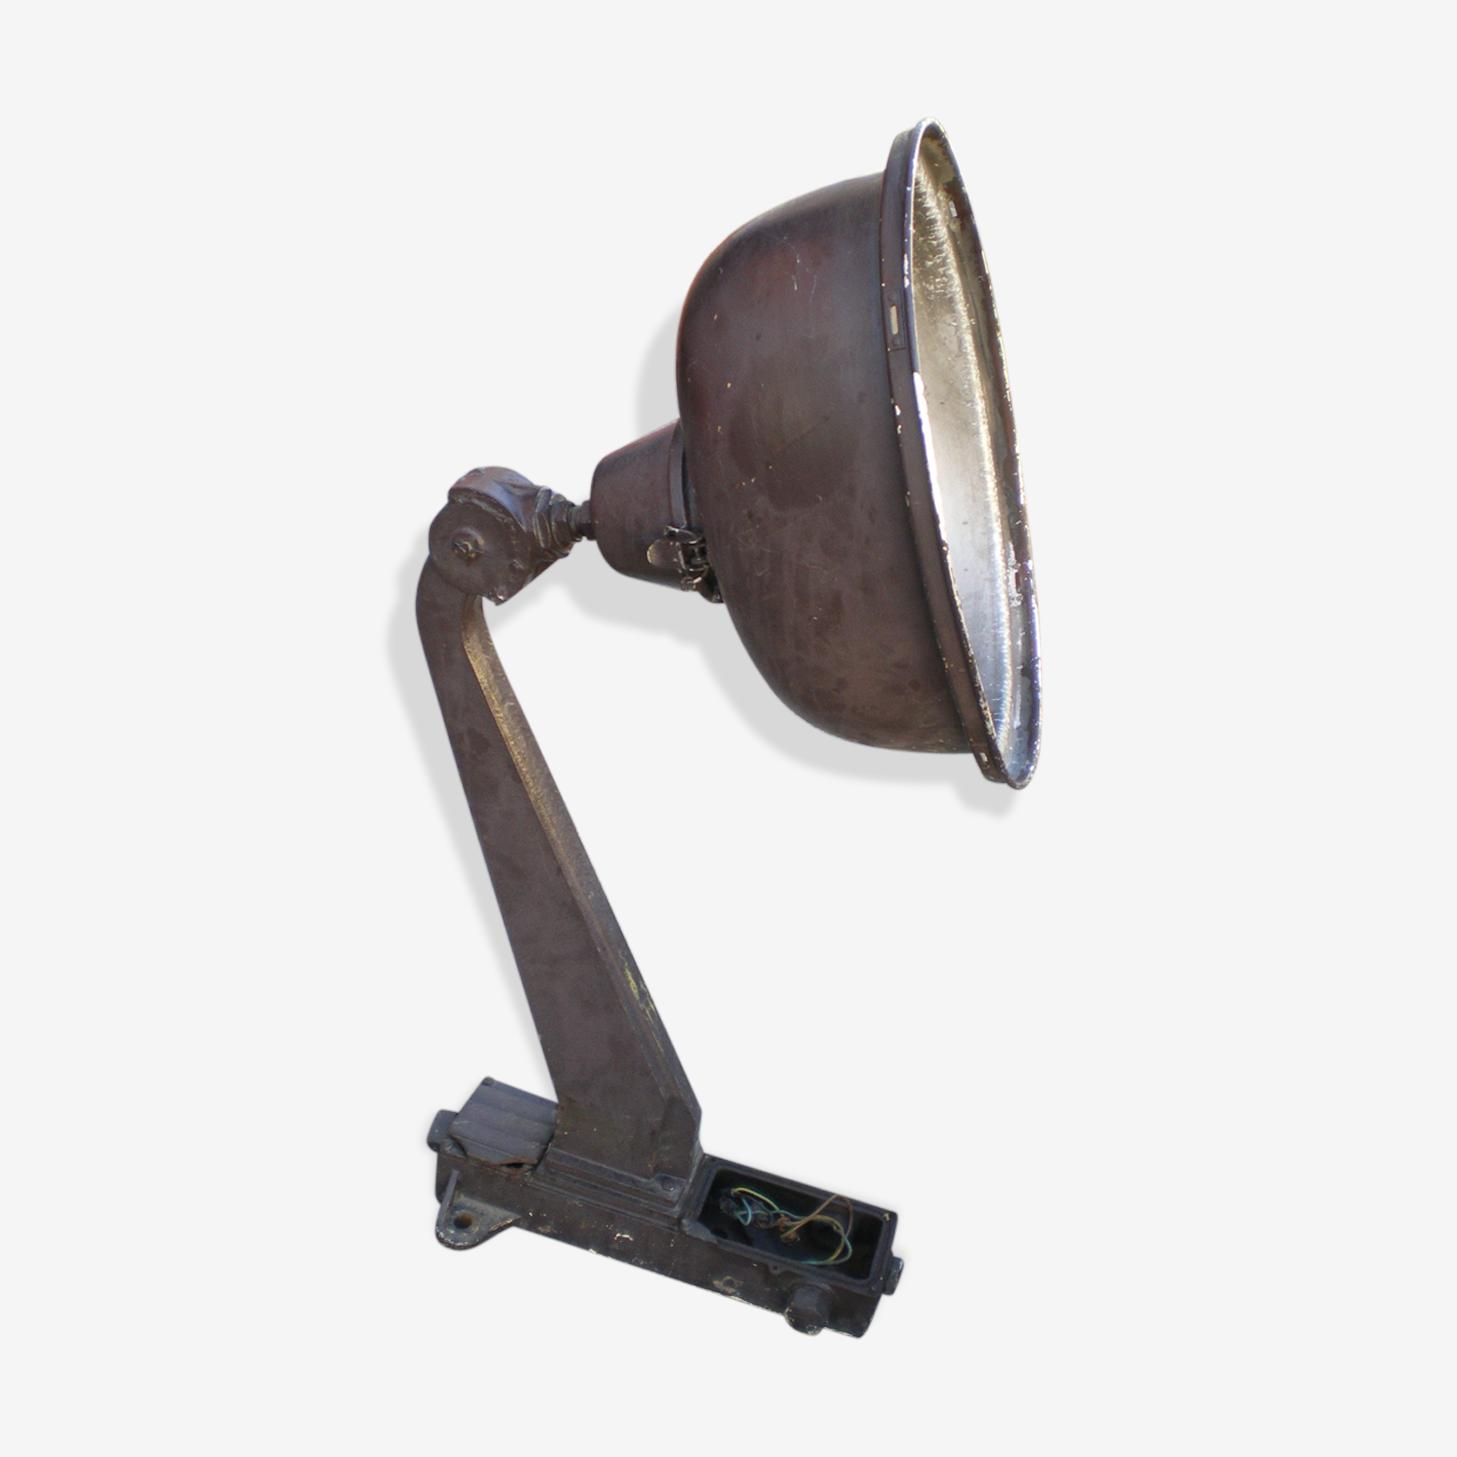 Lampadaire projecteur en fonte marque SD paris